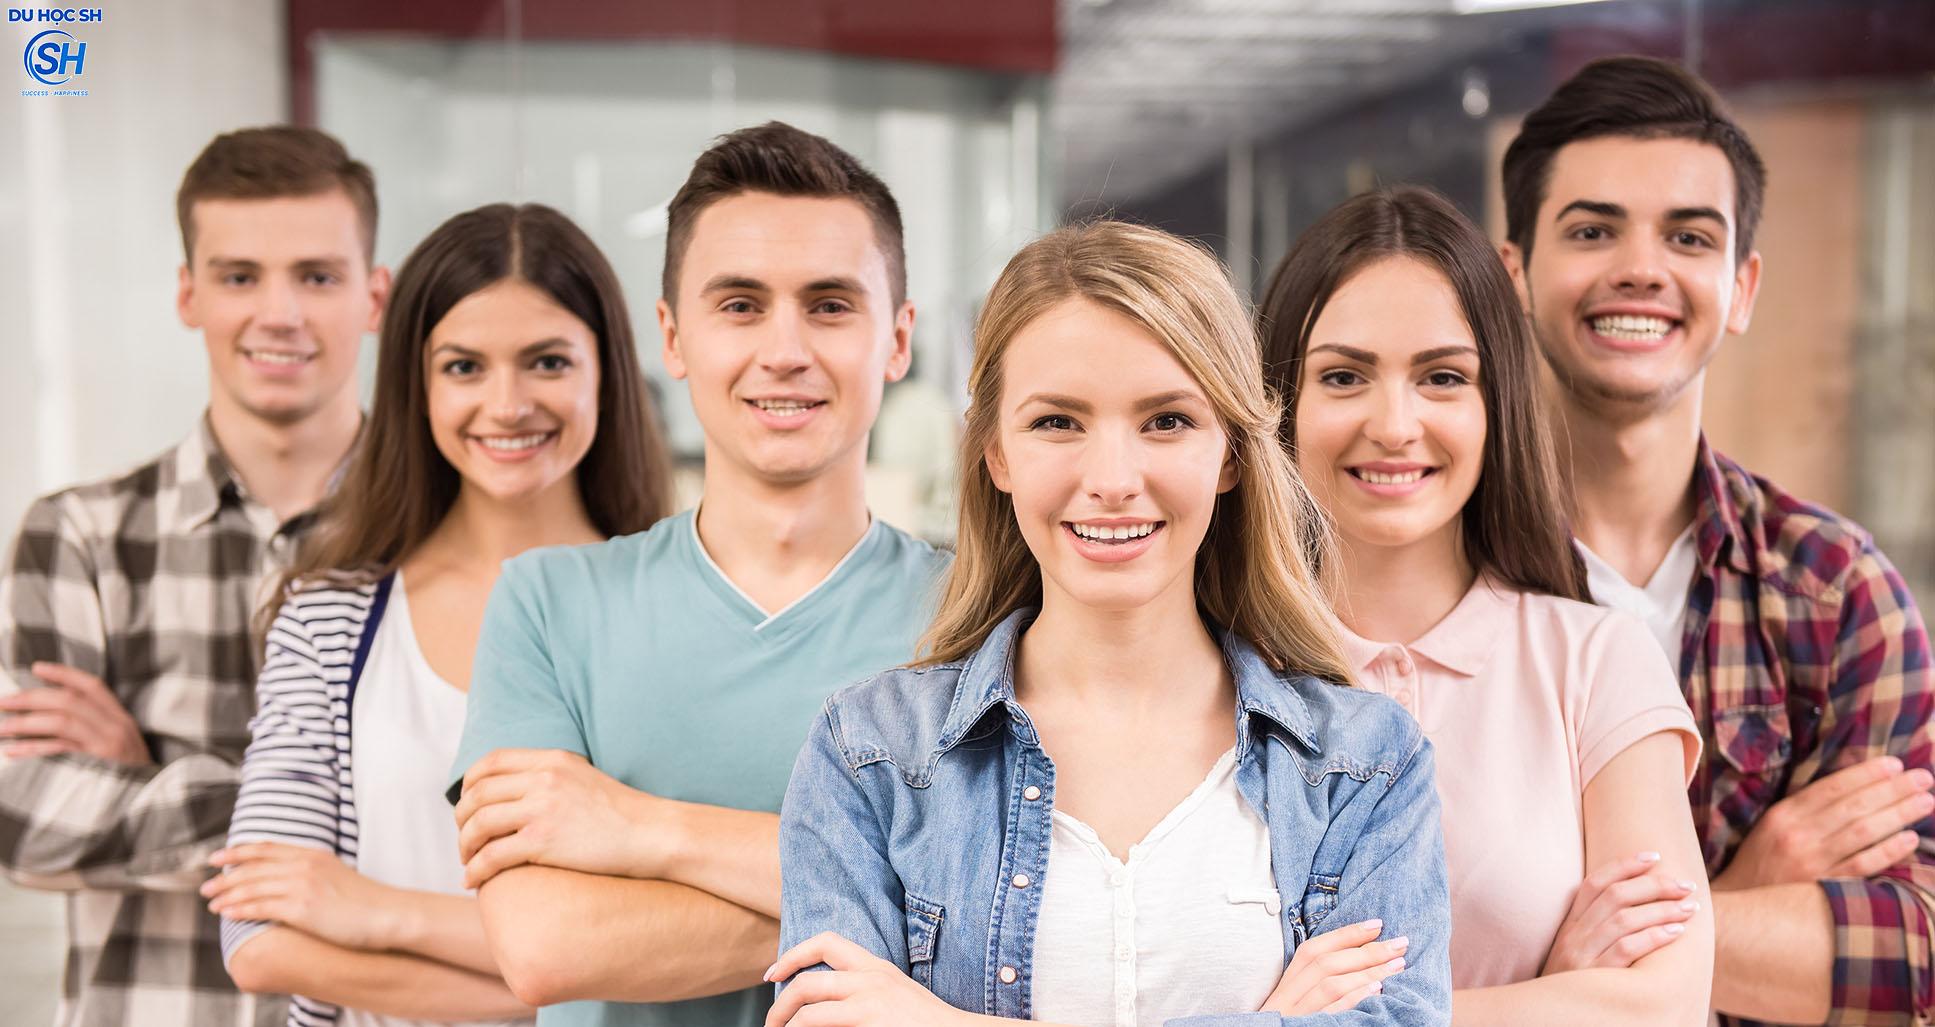 Những điều kiện tối thiểu để chuẩn bị một bộ hồ sơ du học Úc